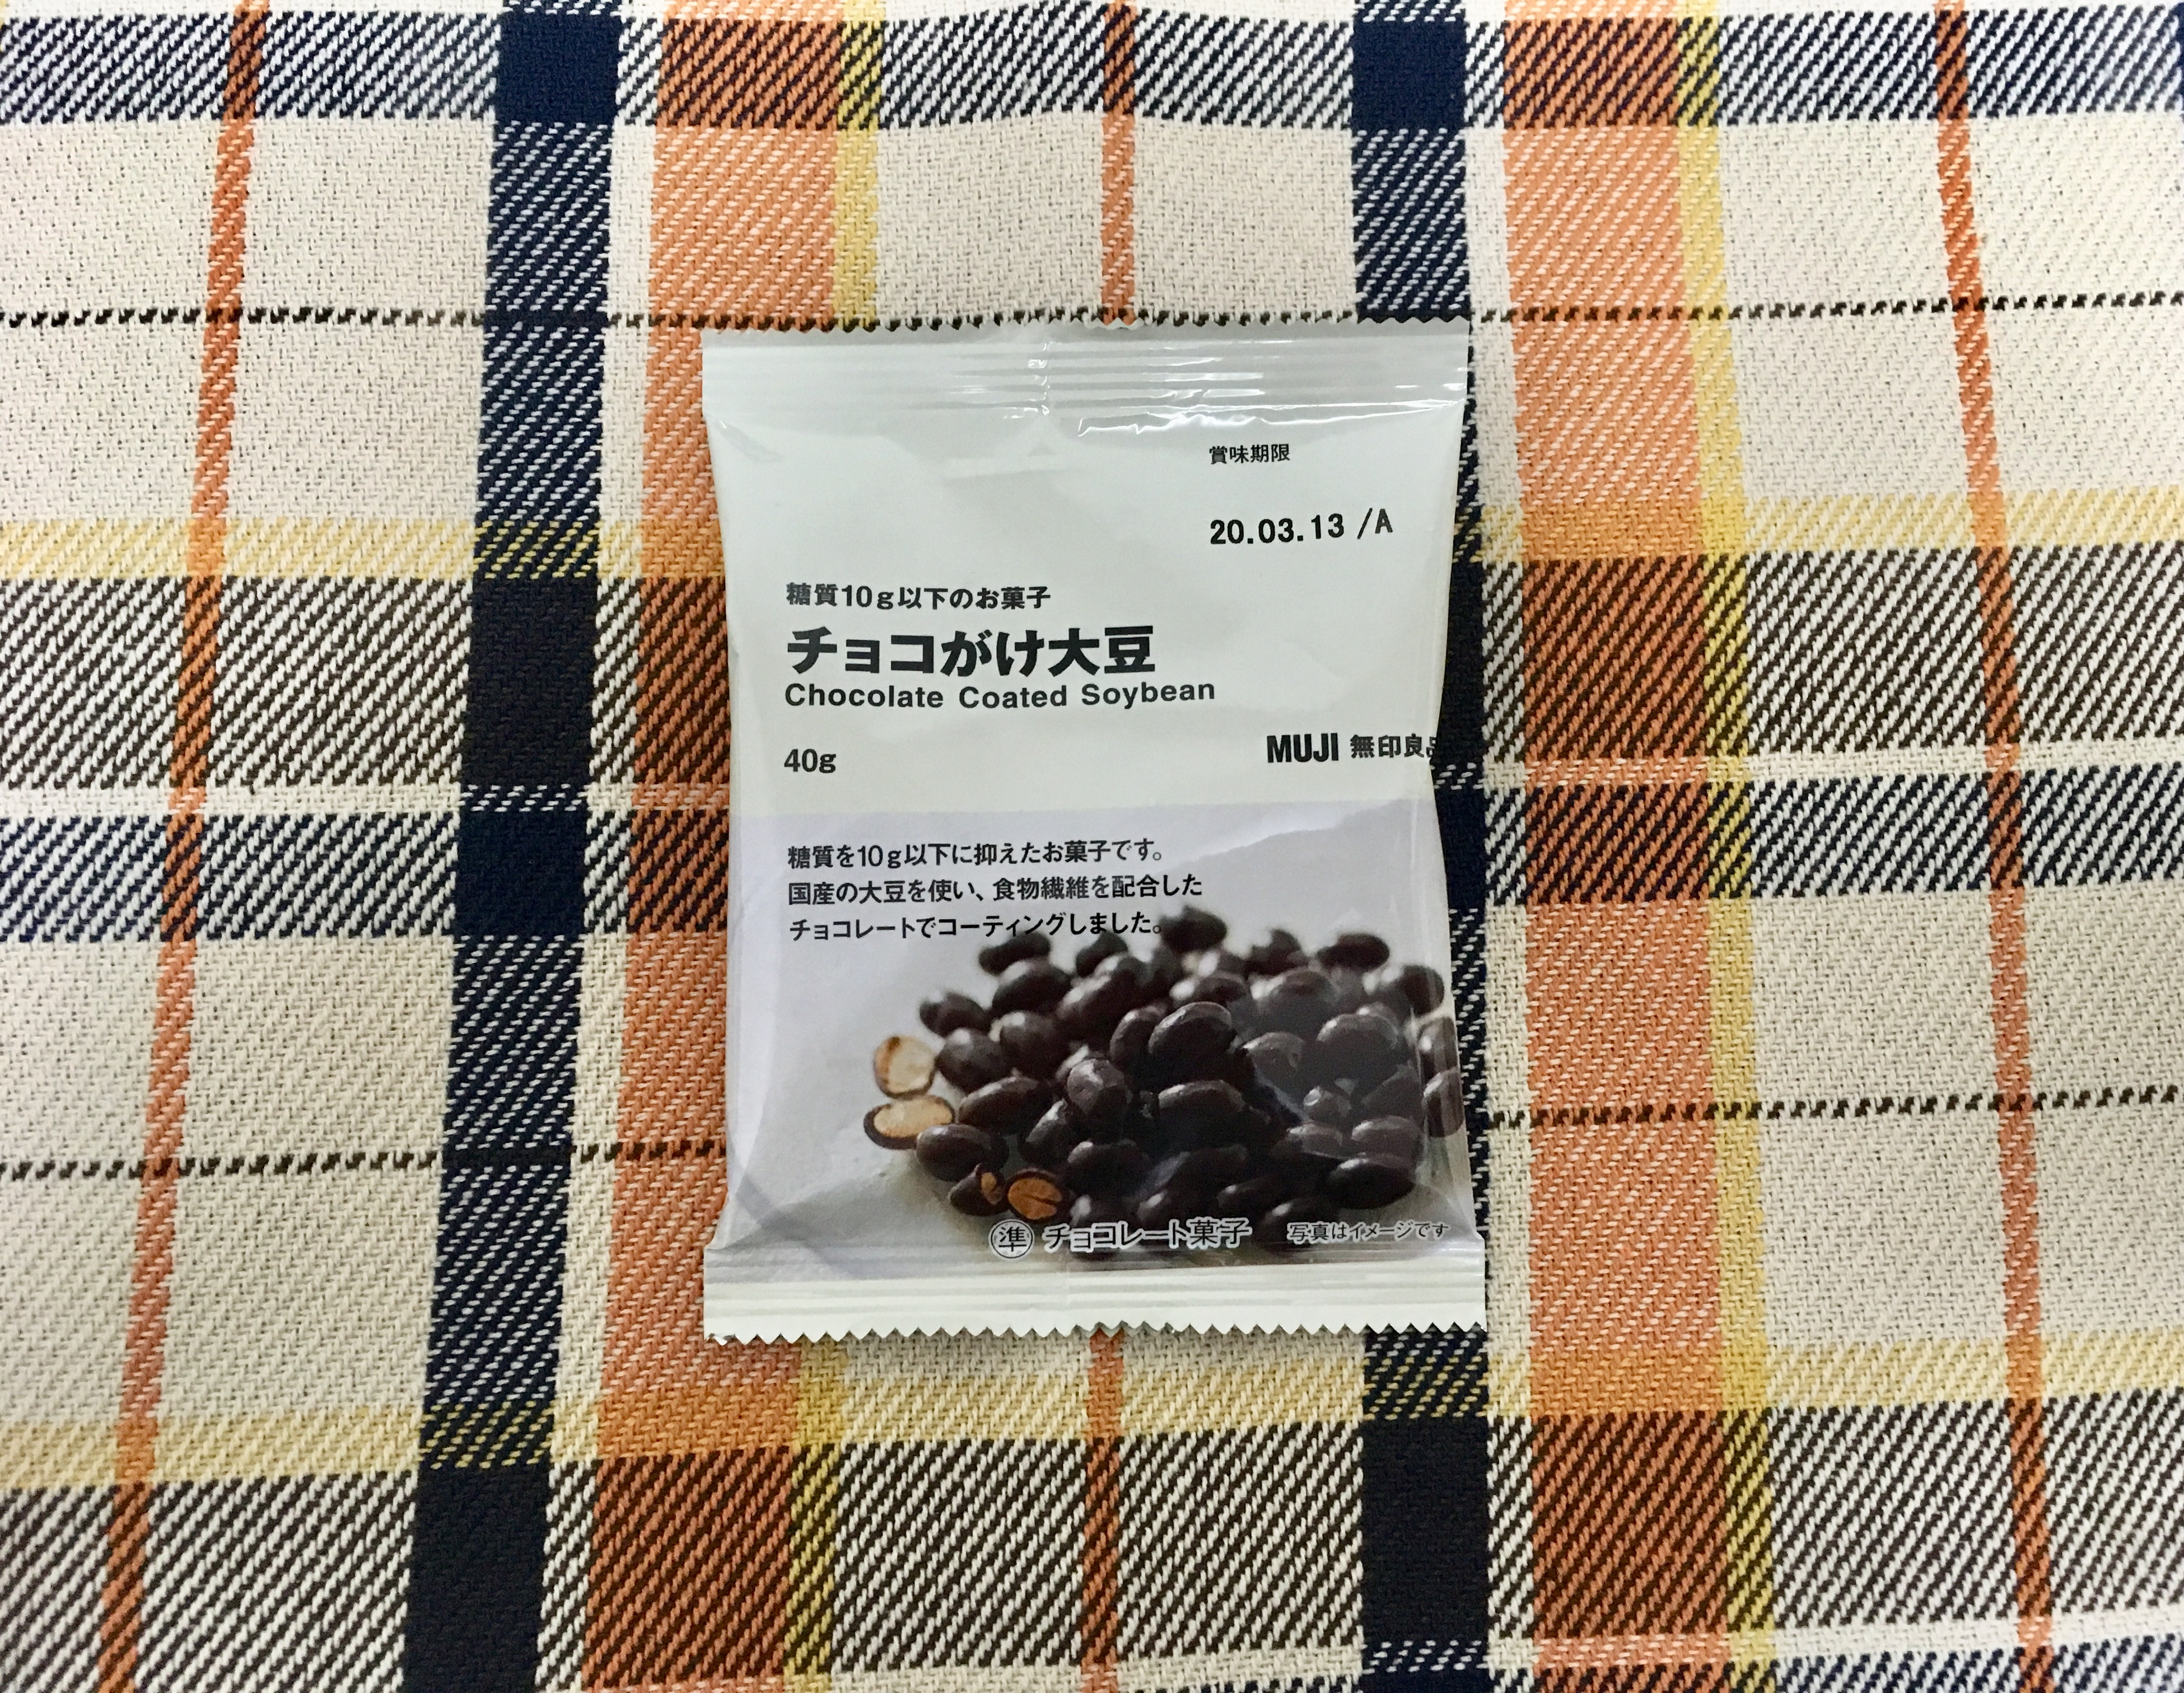 無印良品の糖質10g以下のお菓子 チョコがけ大豆